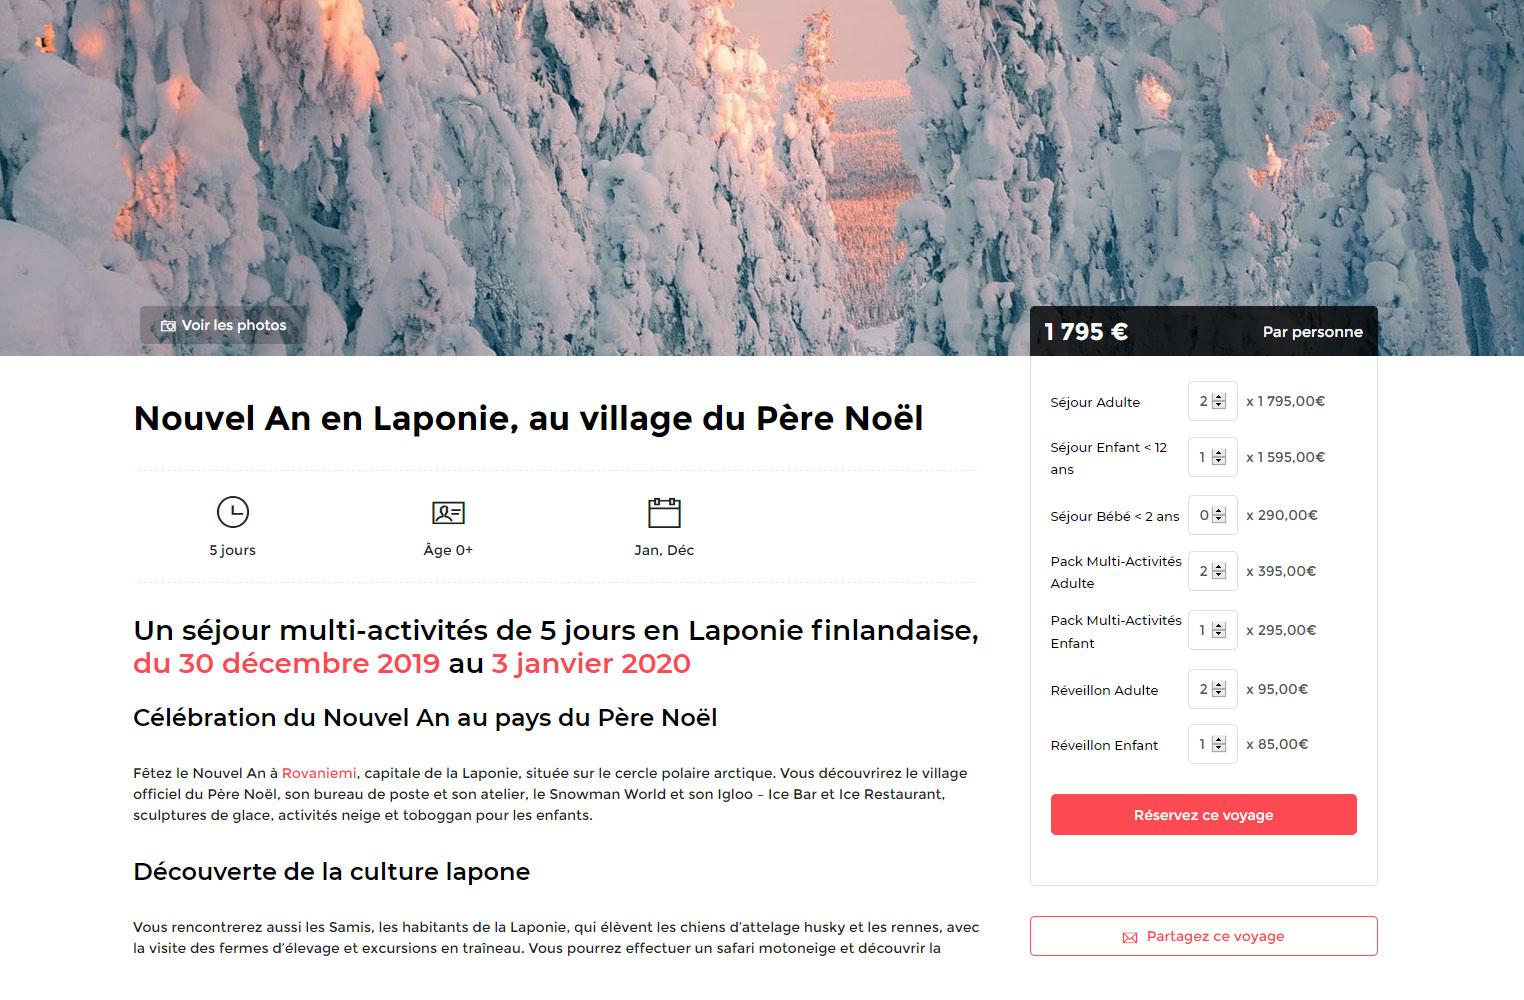 Création du site Scandinavia - page Séjour